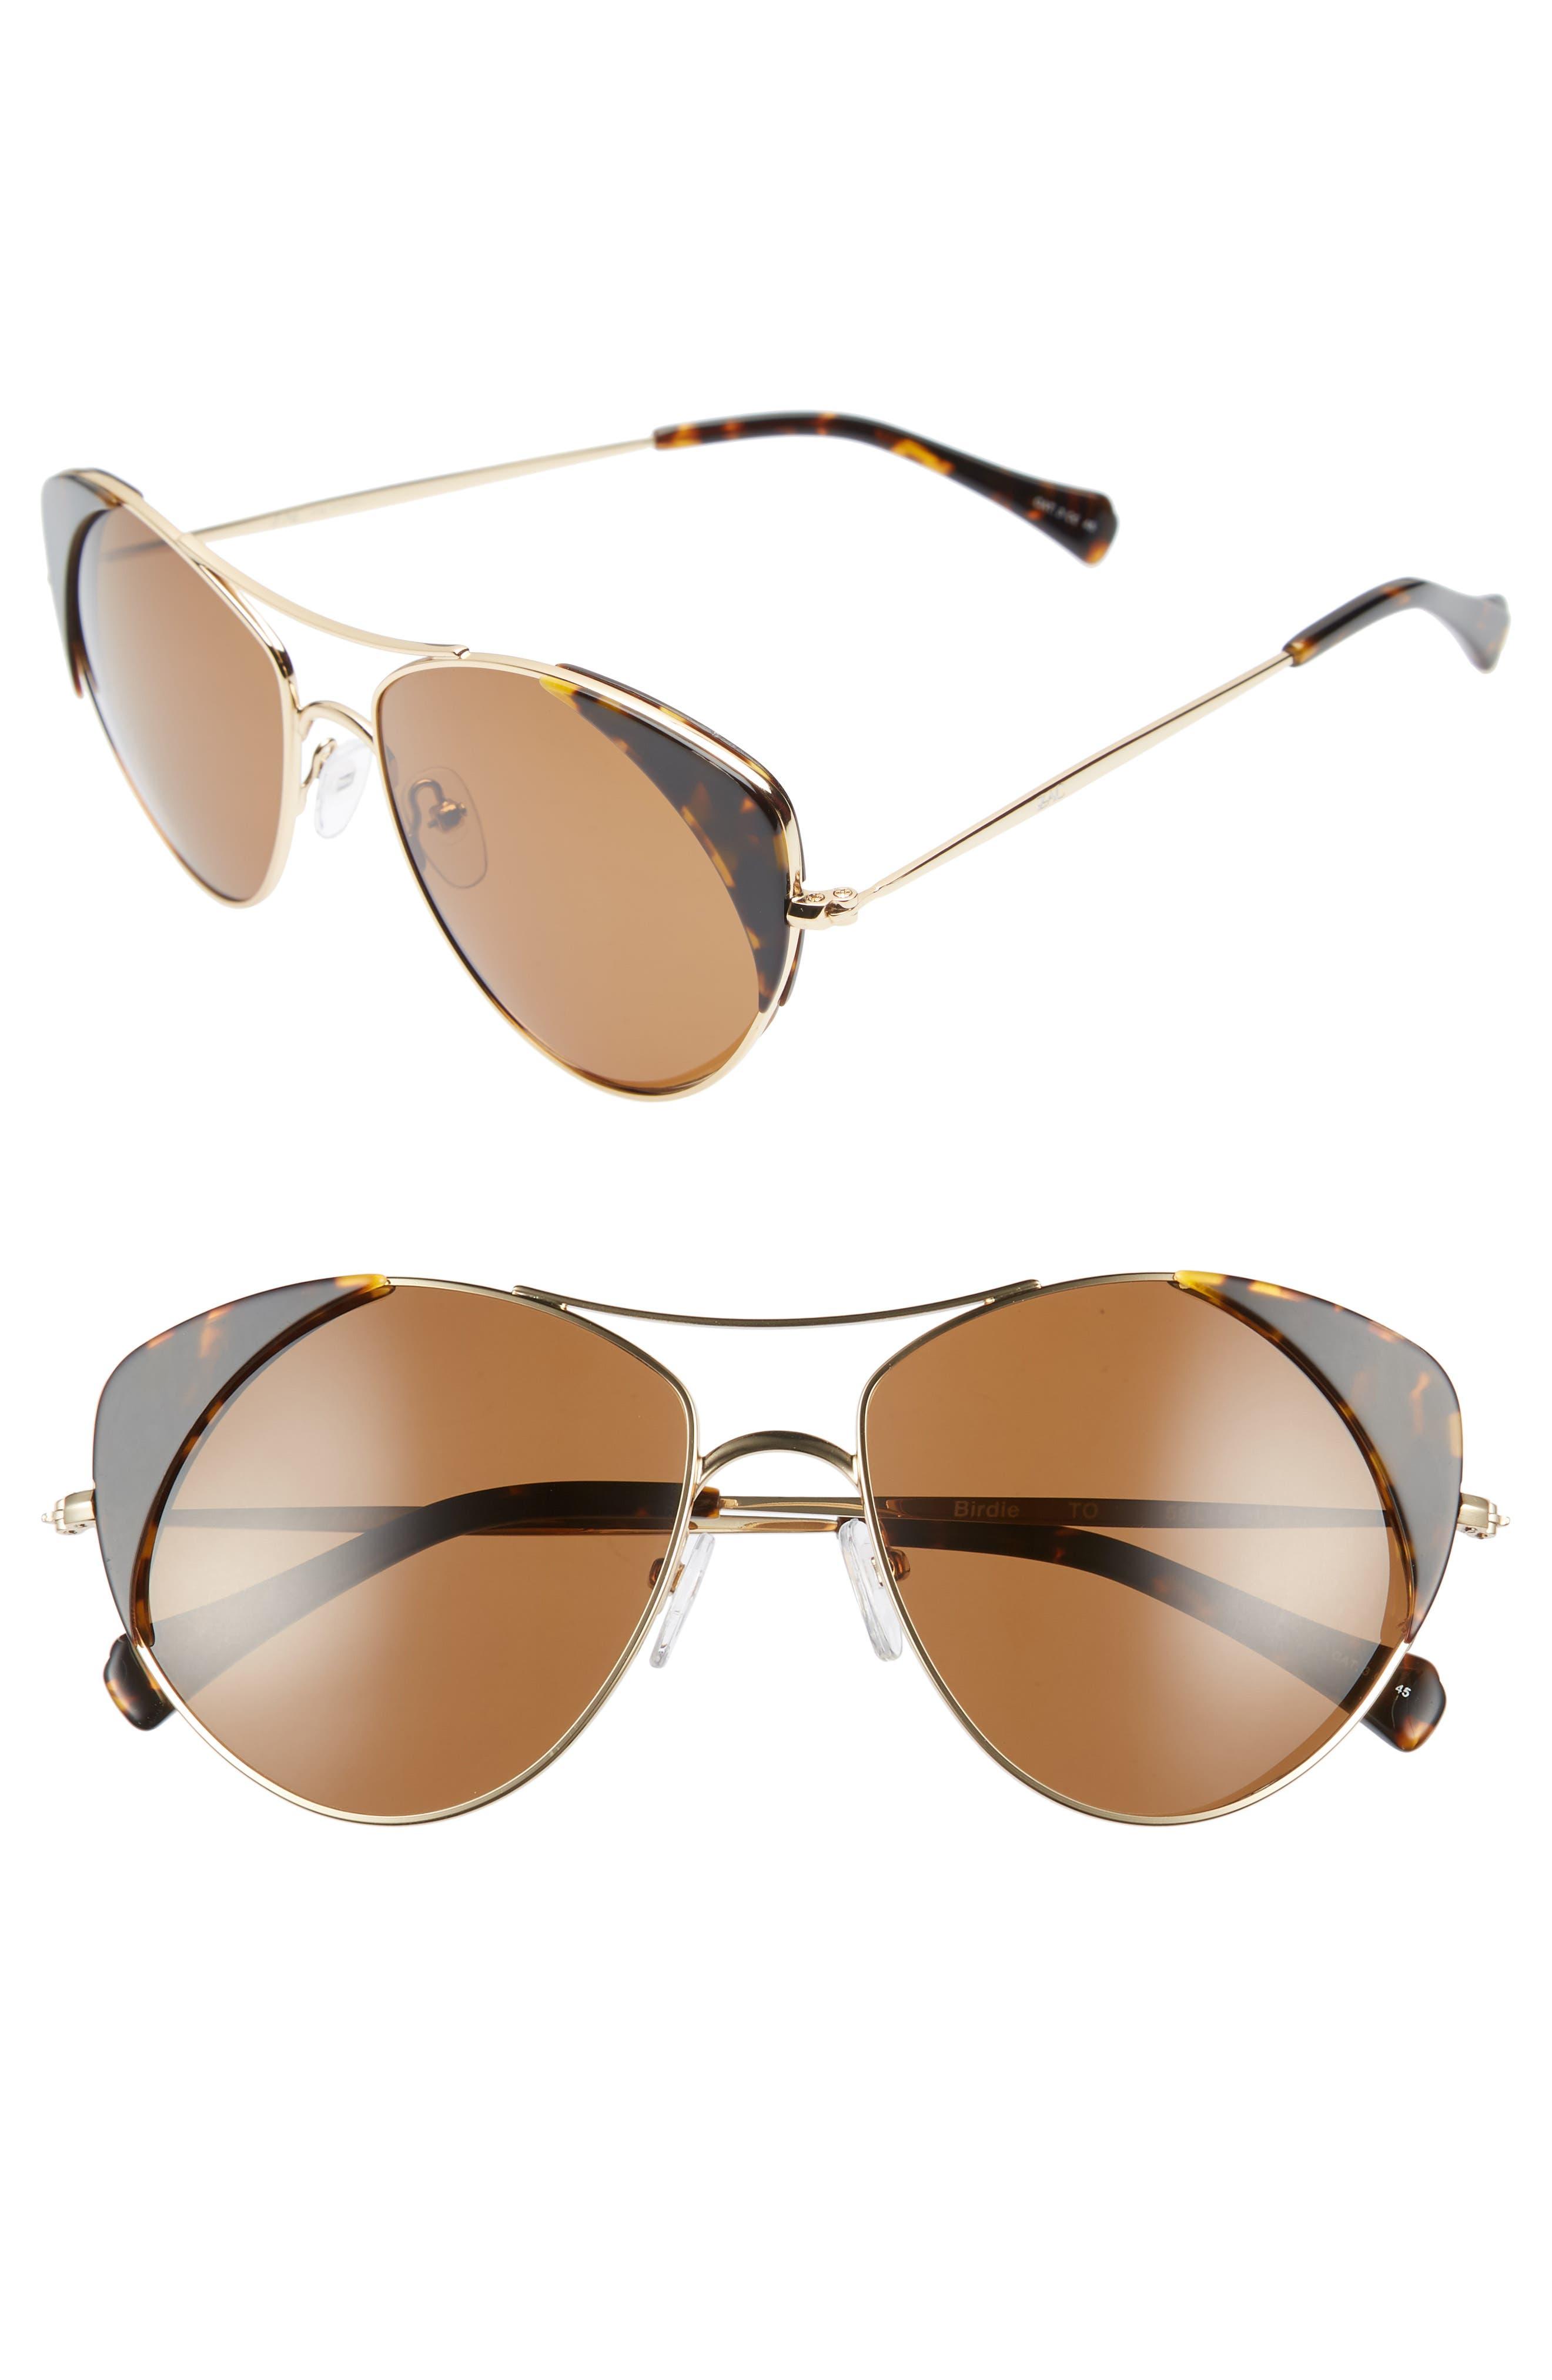 ZAC Zac Posen Birdie 59mm Polarized Aviator Sunglasses